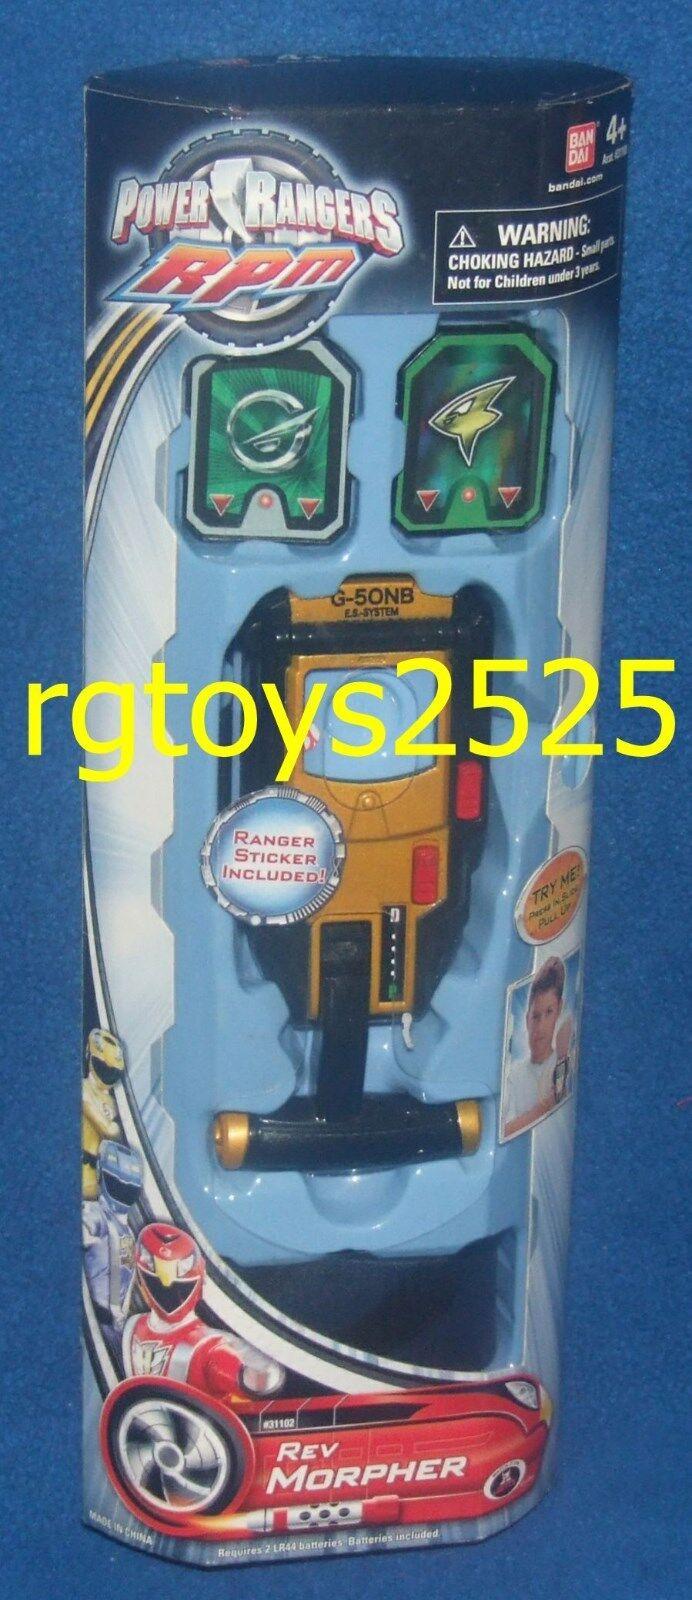 Power Rangers RPM REV MORPHER New Factory förseglade ljud 2009